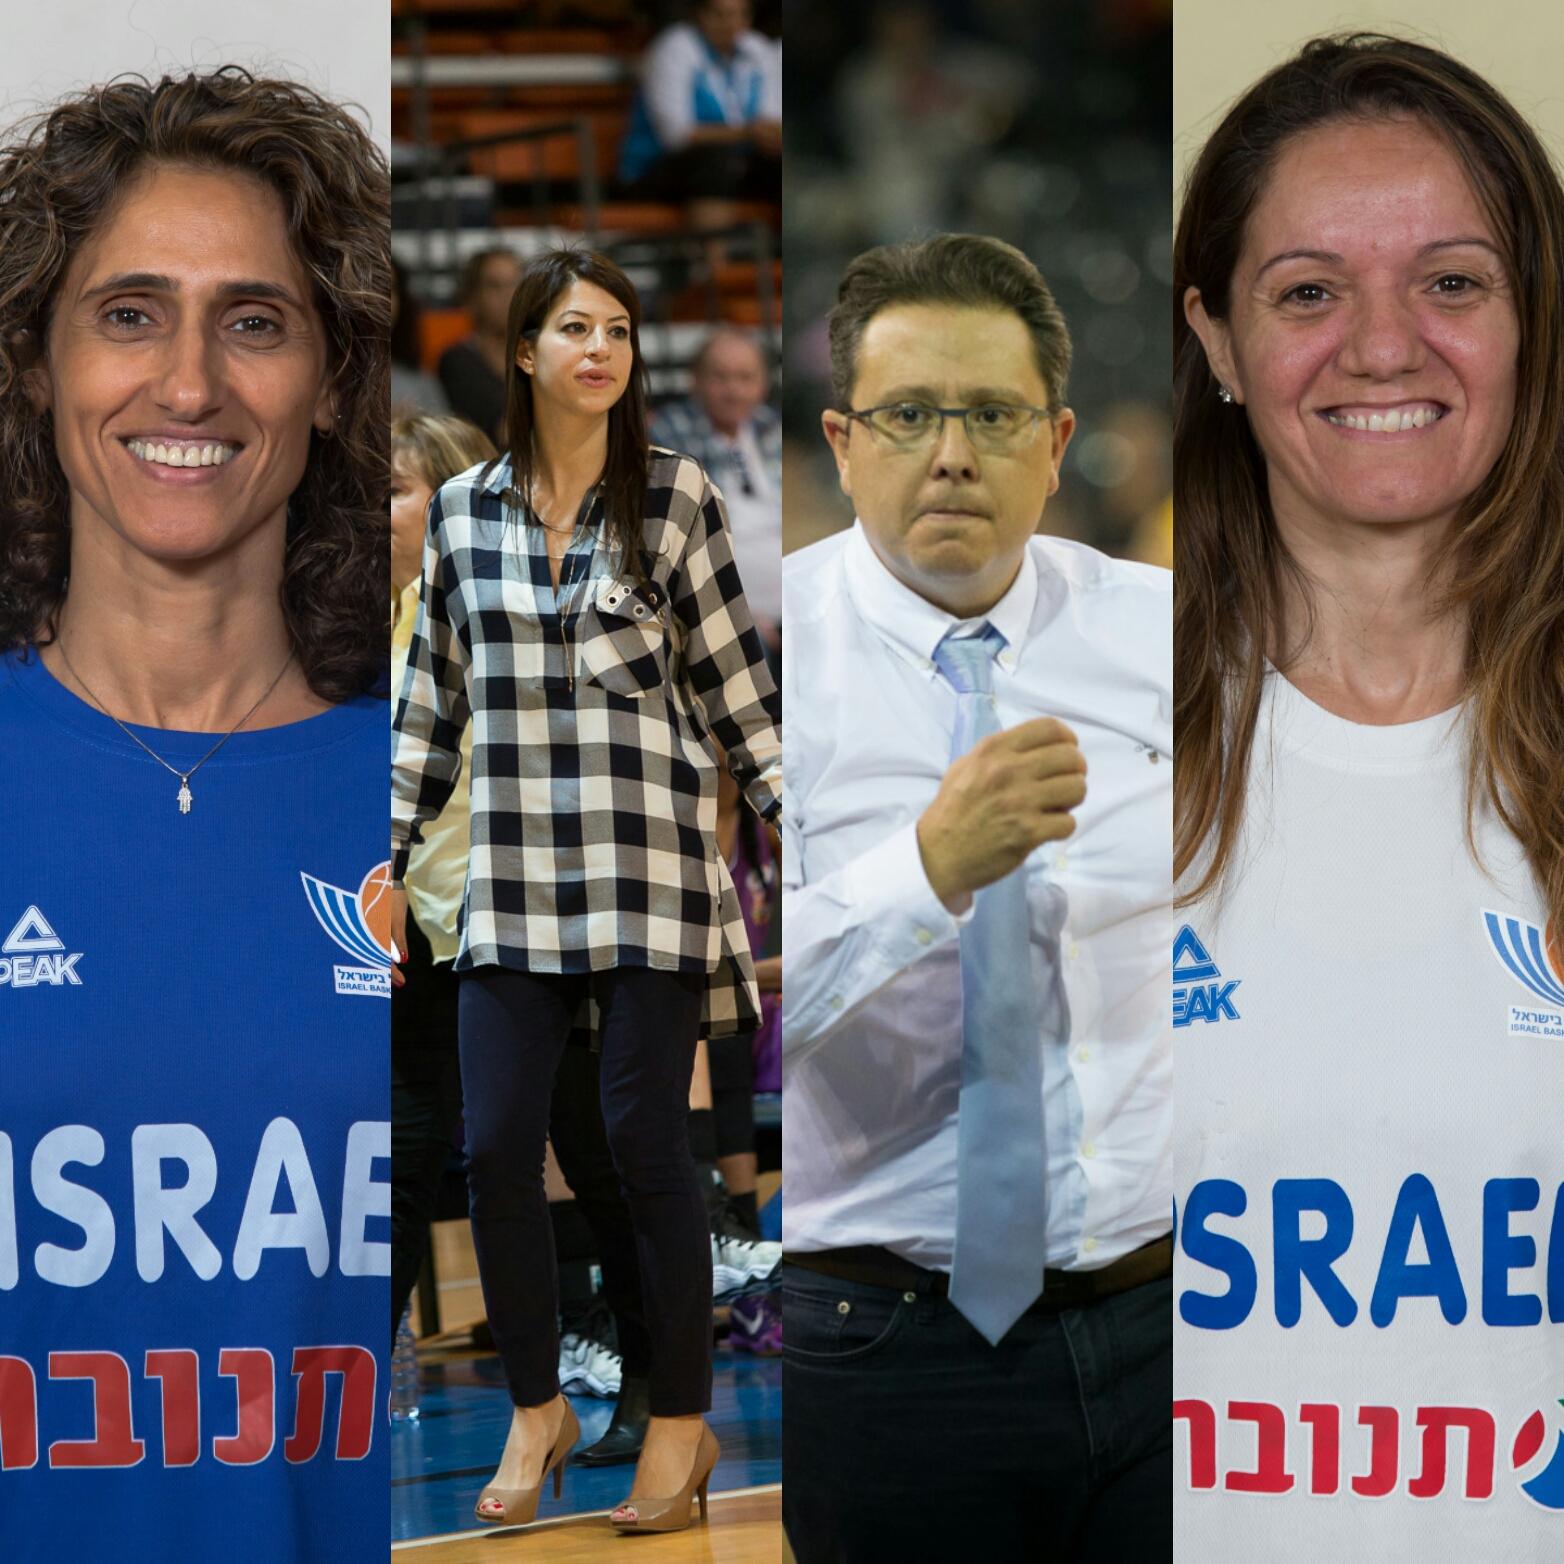 עדן ענבר ימשיך לאמן את נבחרת הנשים, שלוש נשים יאמנו בנבחרות הצעירות